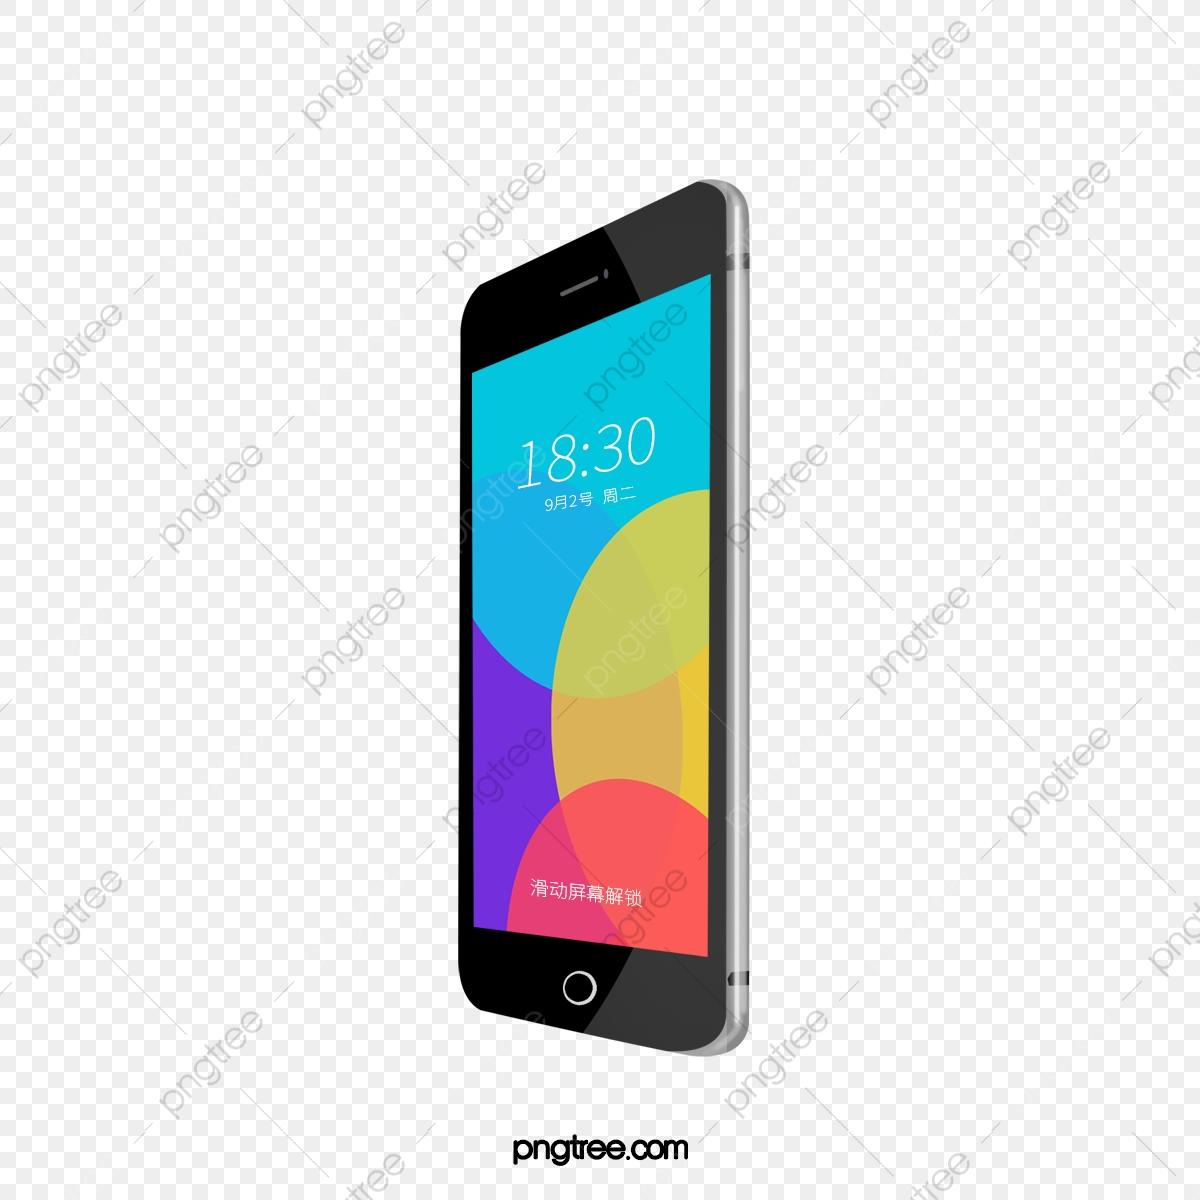 Touch Screen Mobile Phone, Phone Clipart, Meizu, Meizu Phone.